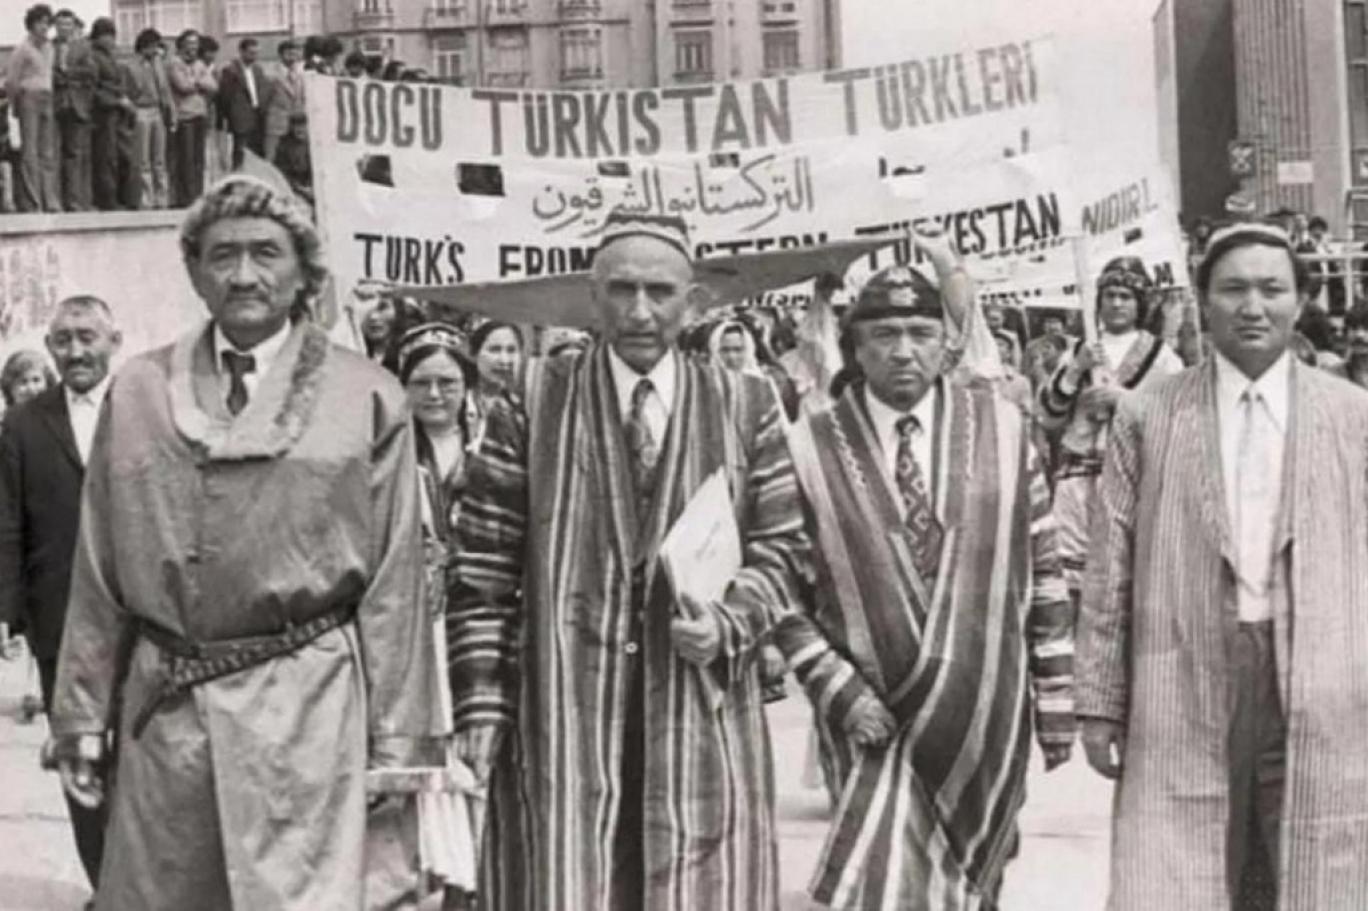 Uygurlar ve Doğu Türkistan davası   Independent Türkçe